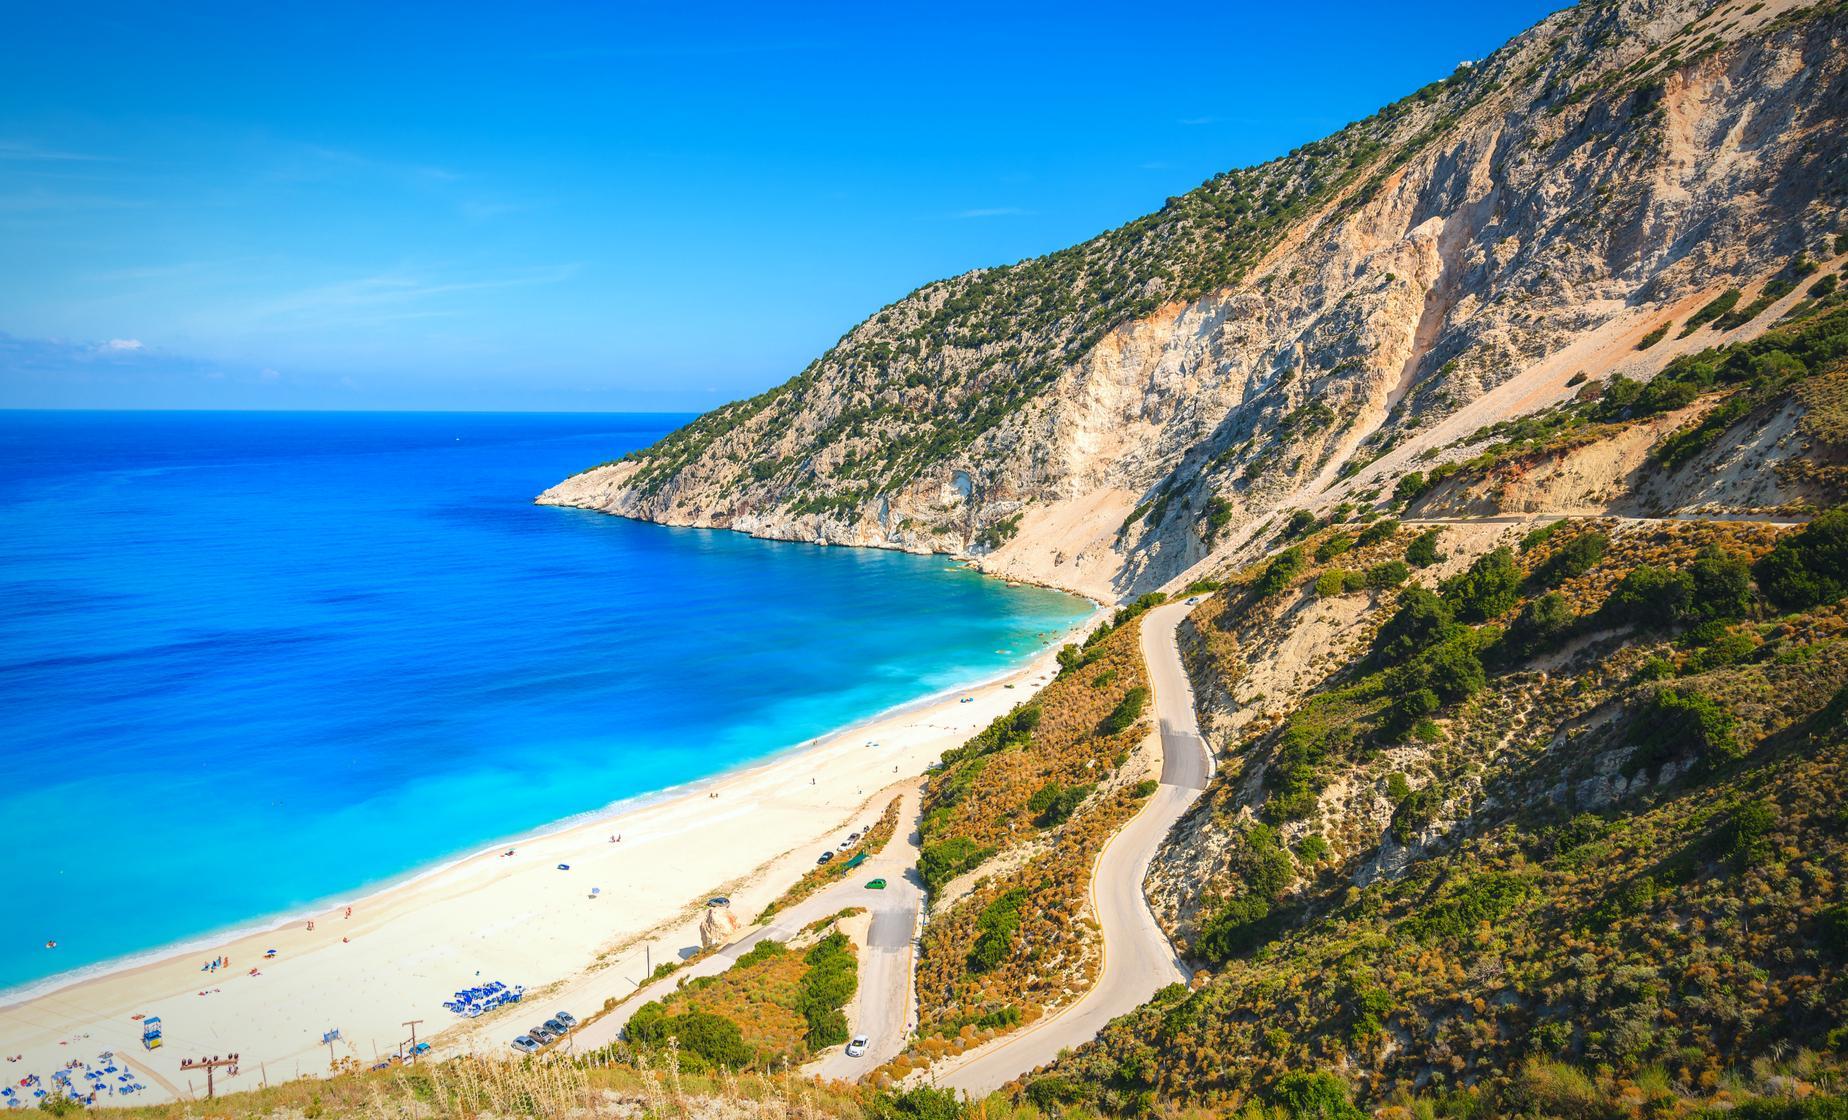 Greek Beach Day Argostoli Cephalonia Shore Excursion Caribbean Cruise Tours